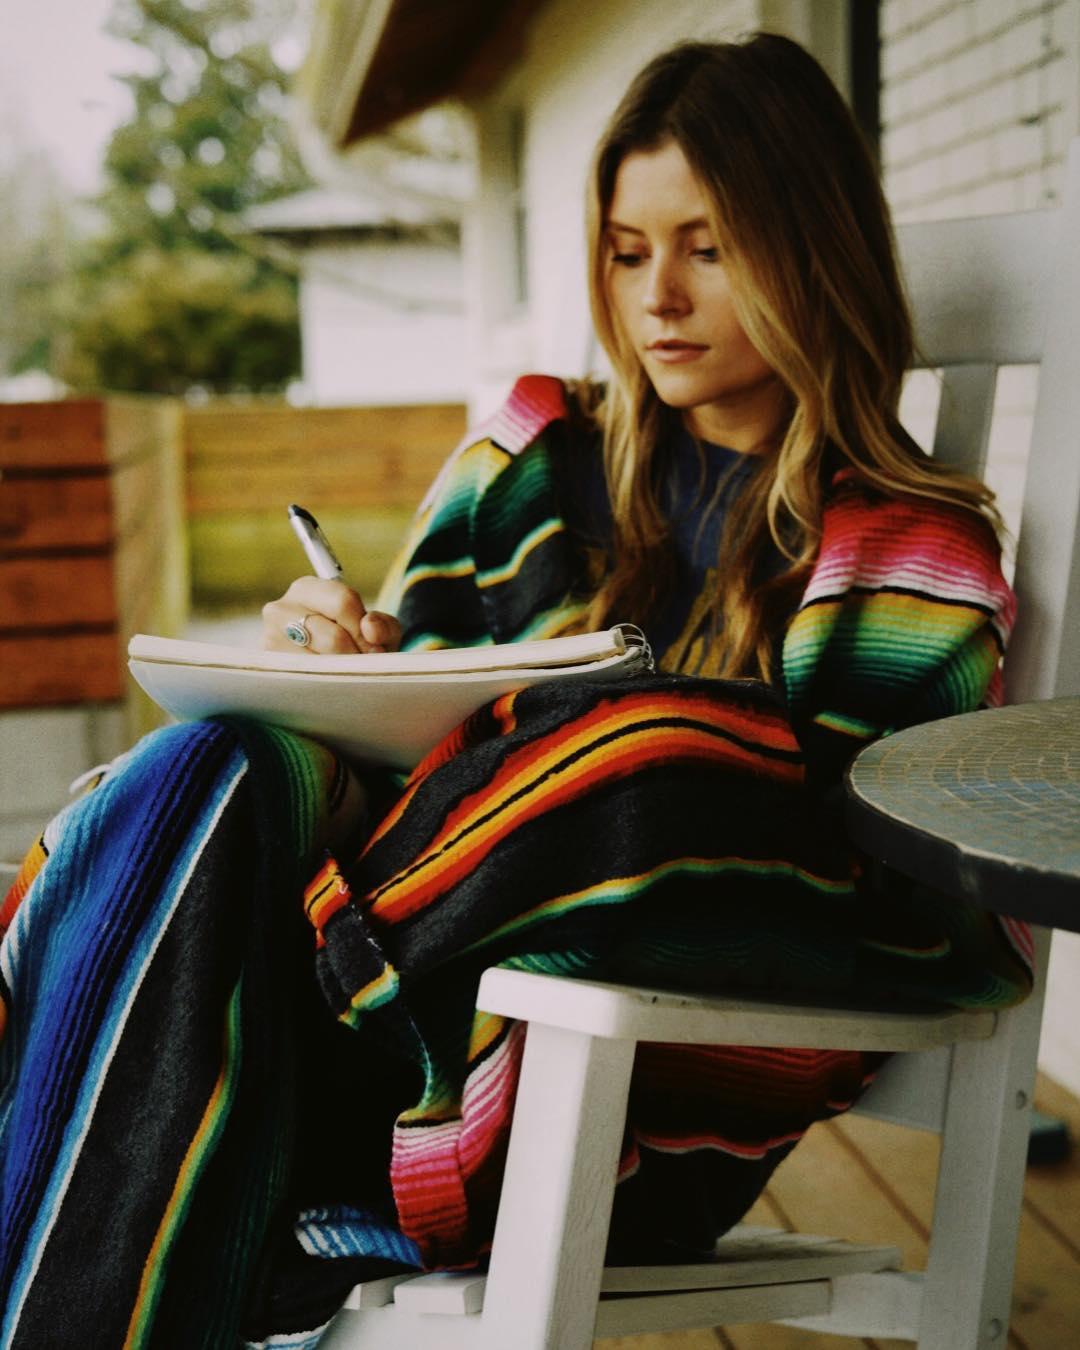 Multi-talented artist Hannah Mulholland